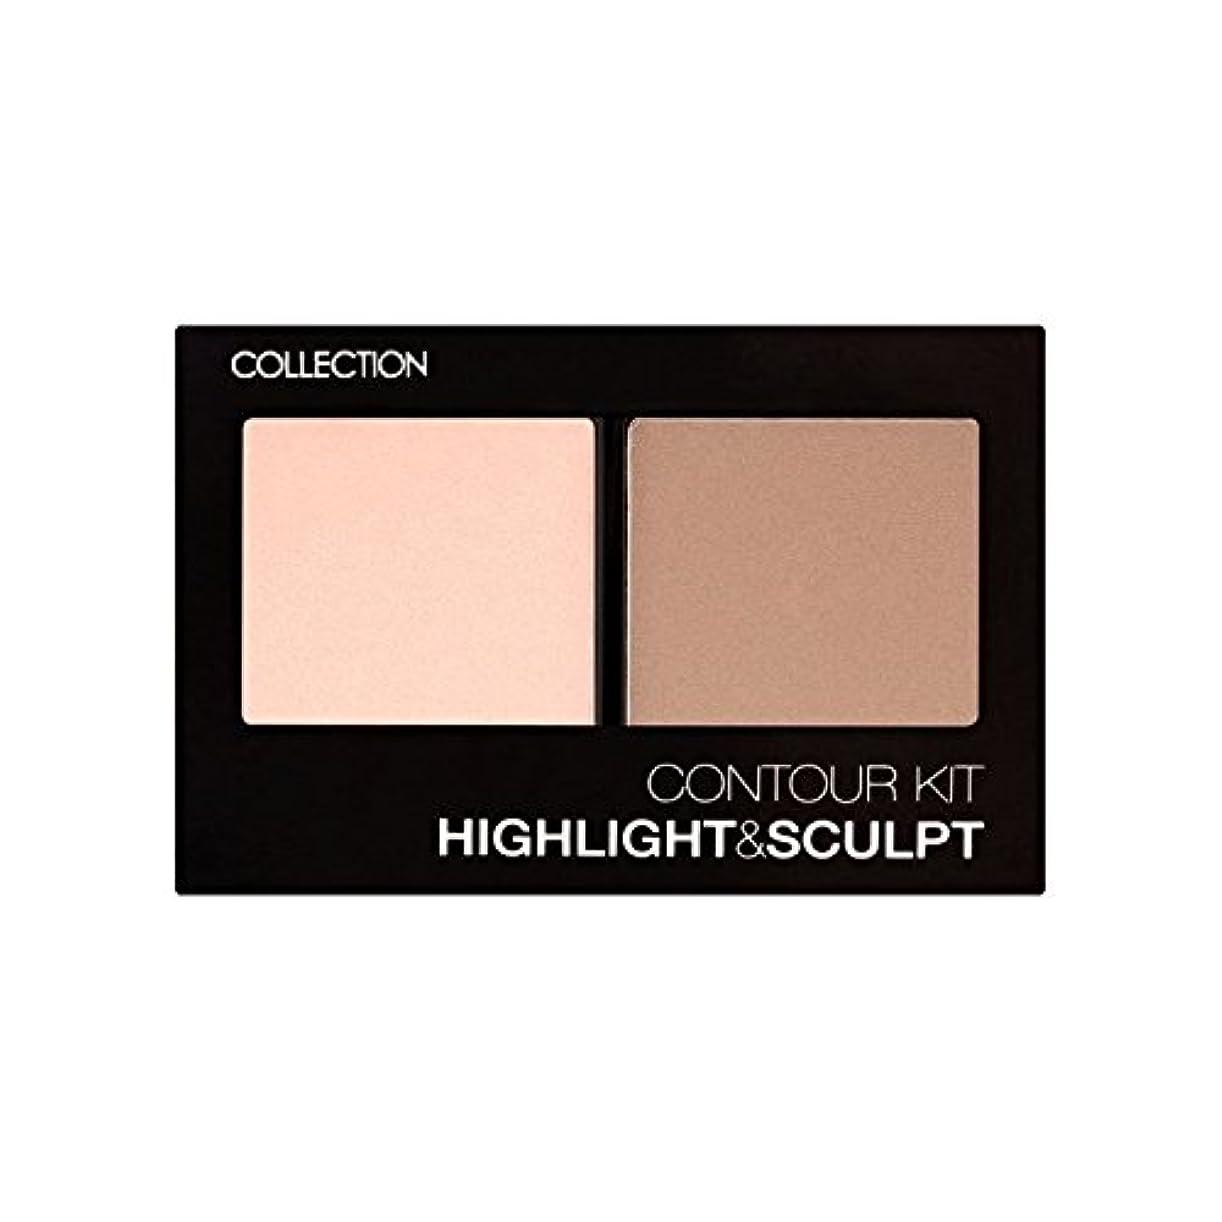 コレクション、輪郭キット輪郭キット1 x4 - Collection Contour Kit Contour Kit 1 (Pack of 4) [並行輸入品]